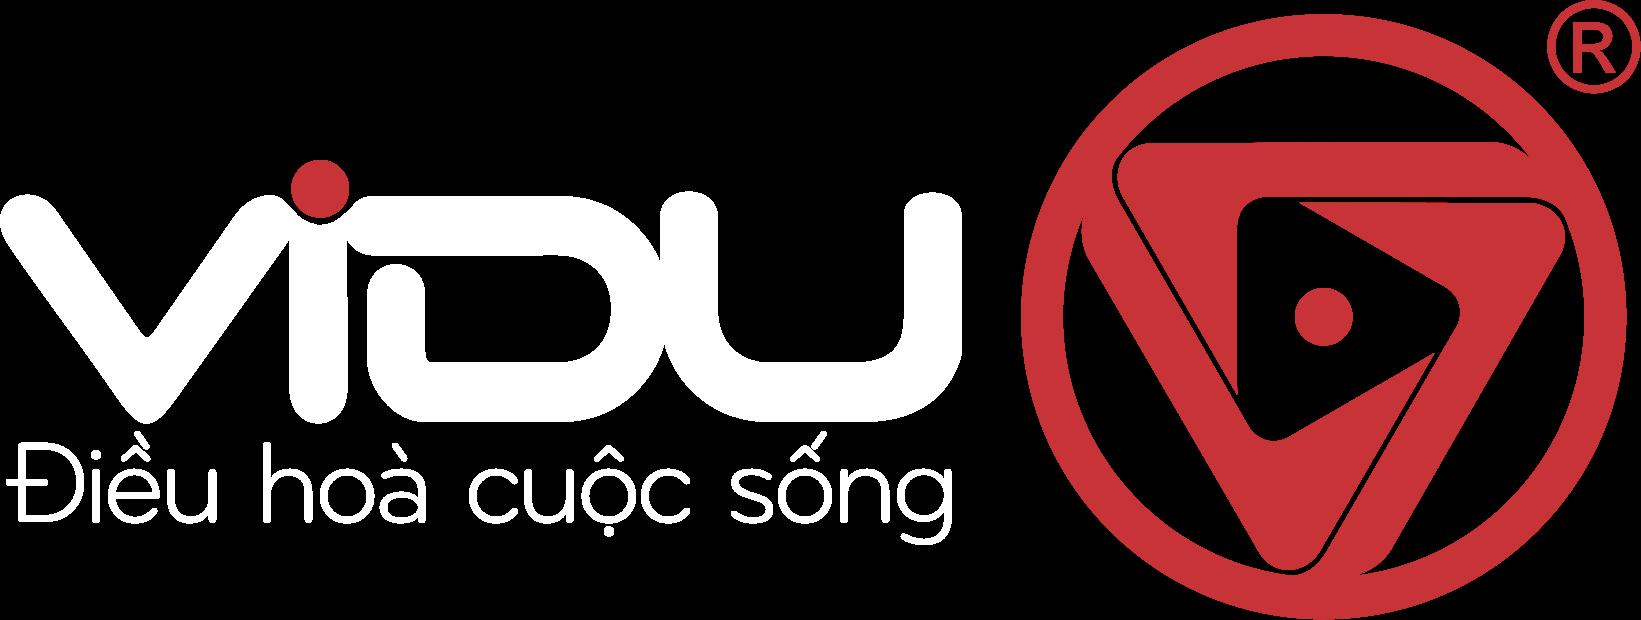 VIDUGOLD